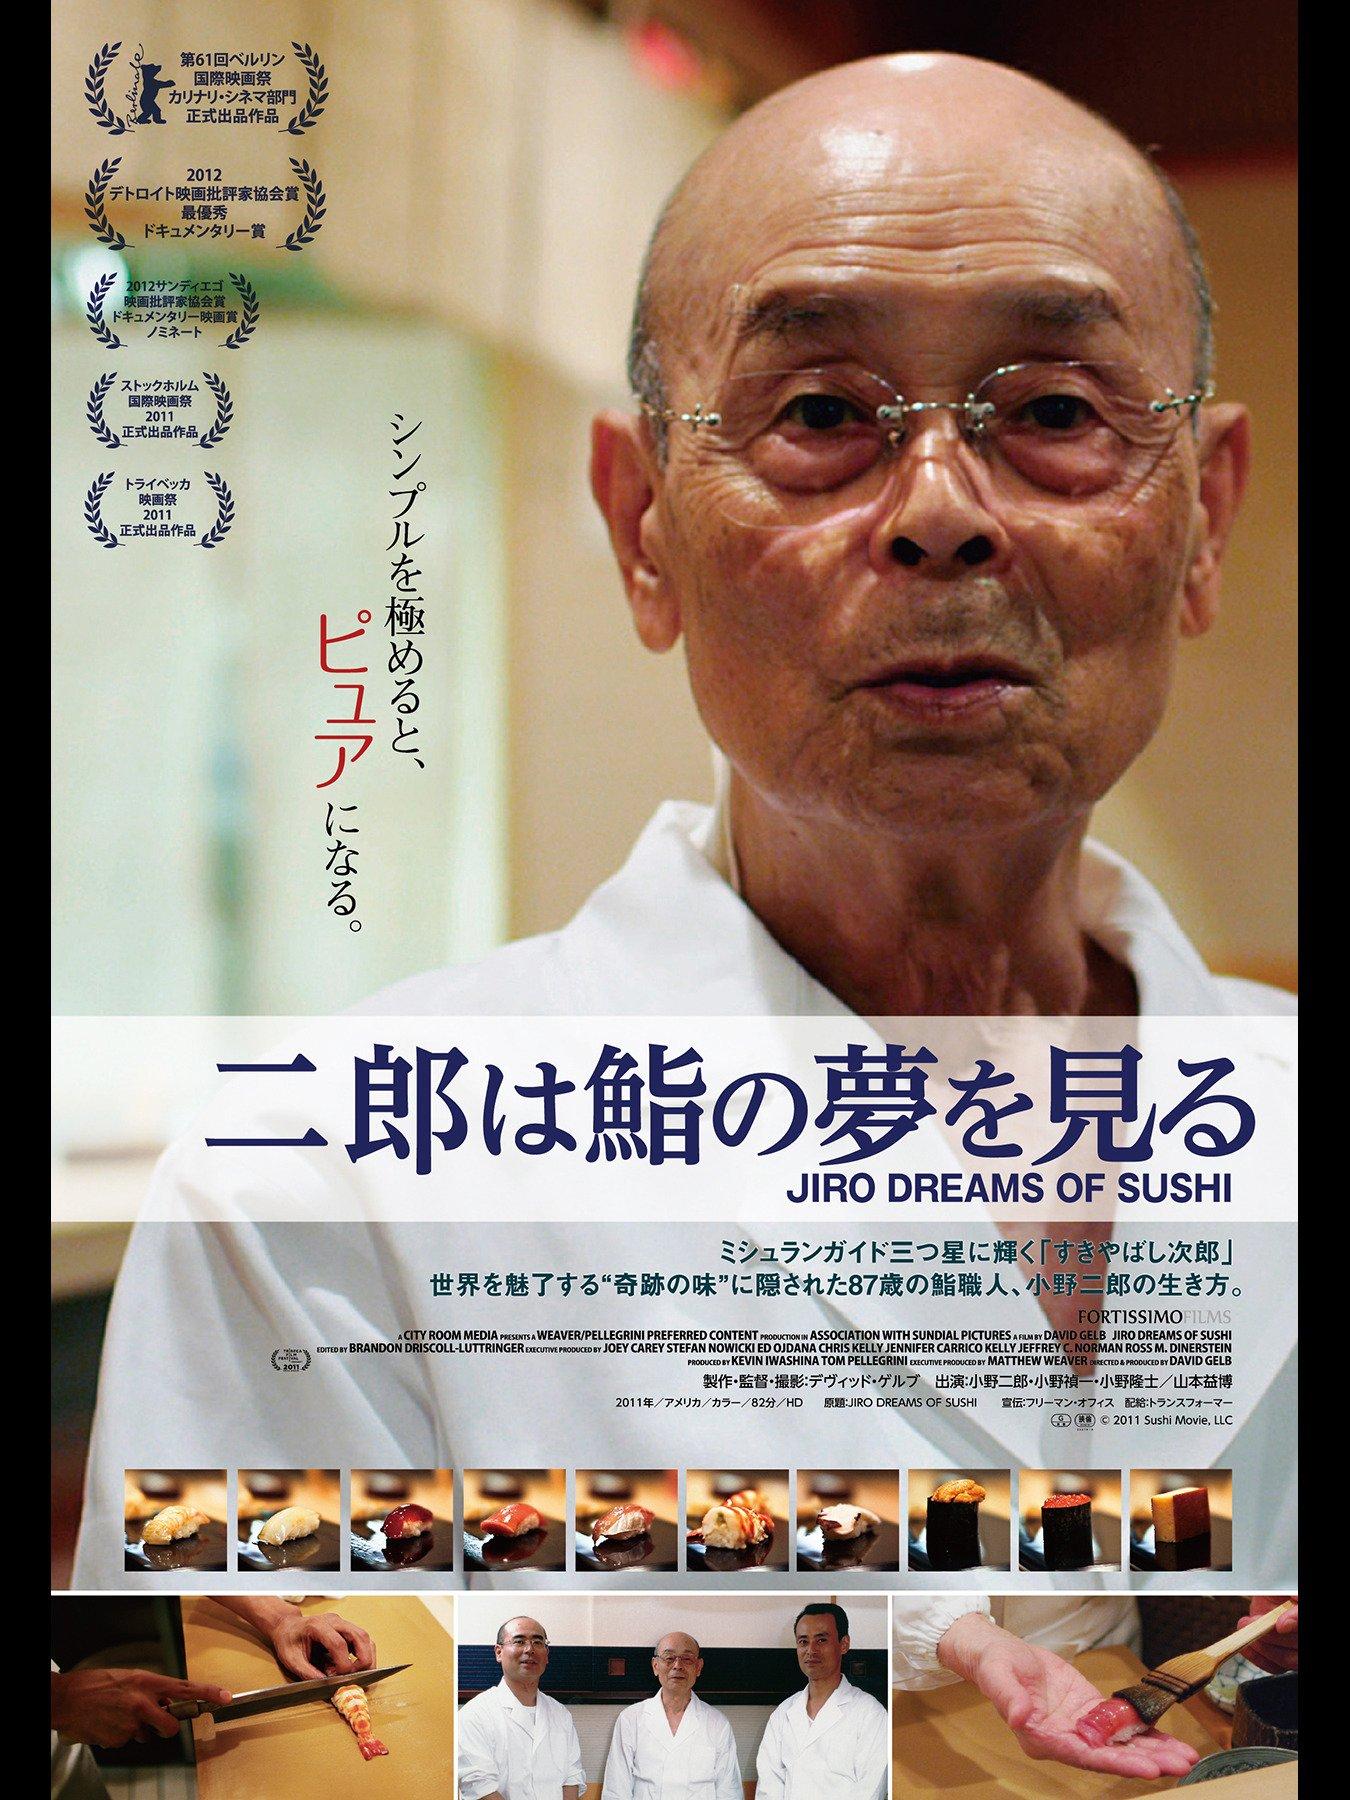 ば し 次郎 すきや 世界が絶賛する「すきやばし次郎」の寿司を1700円で食べる方法